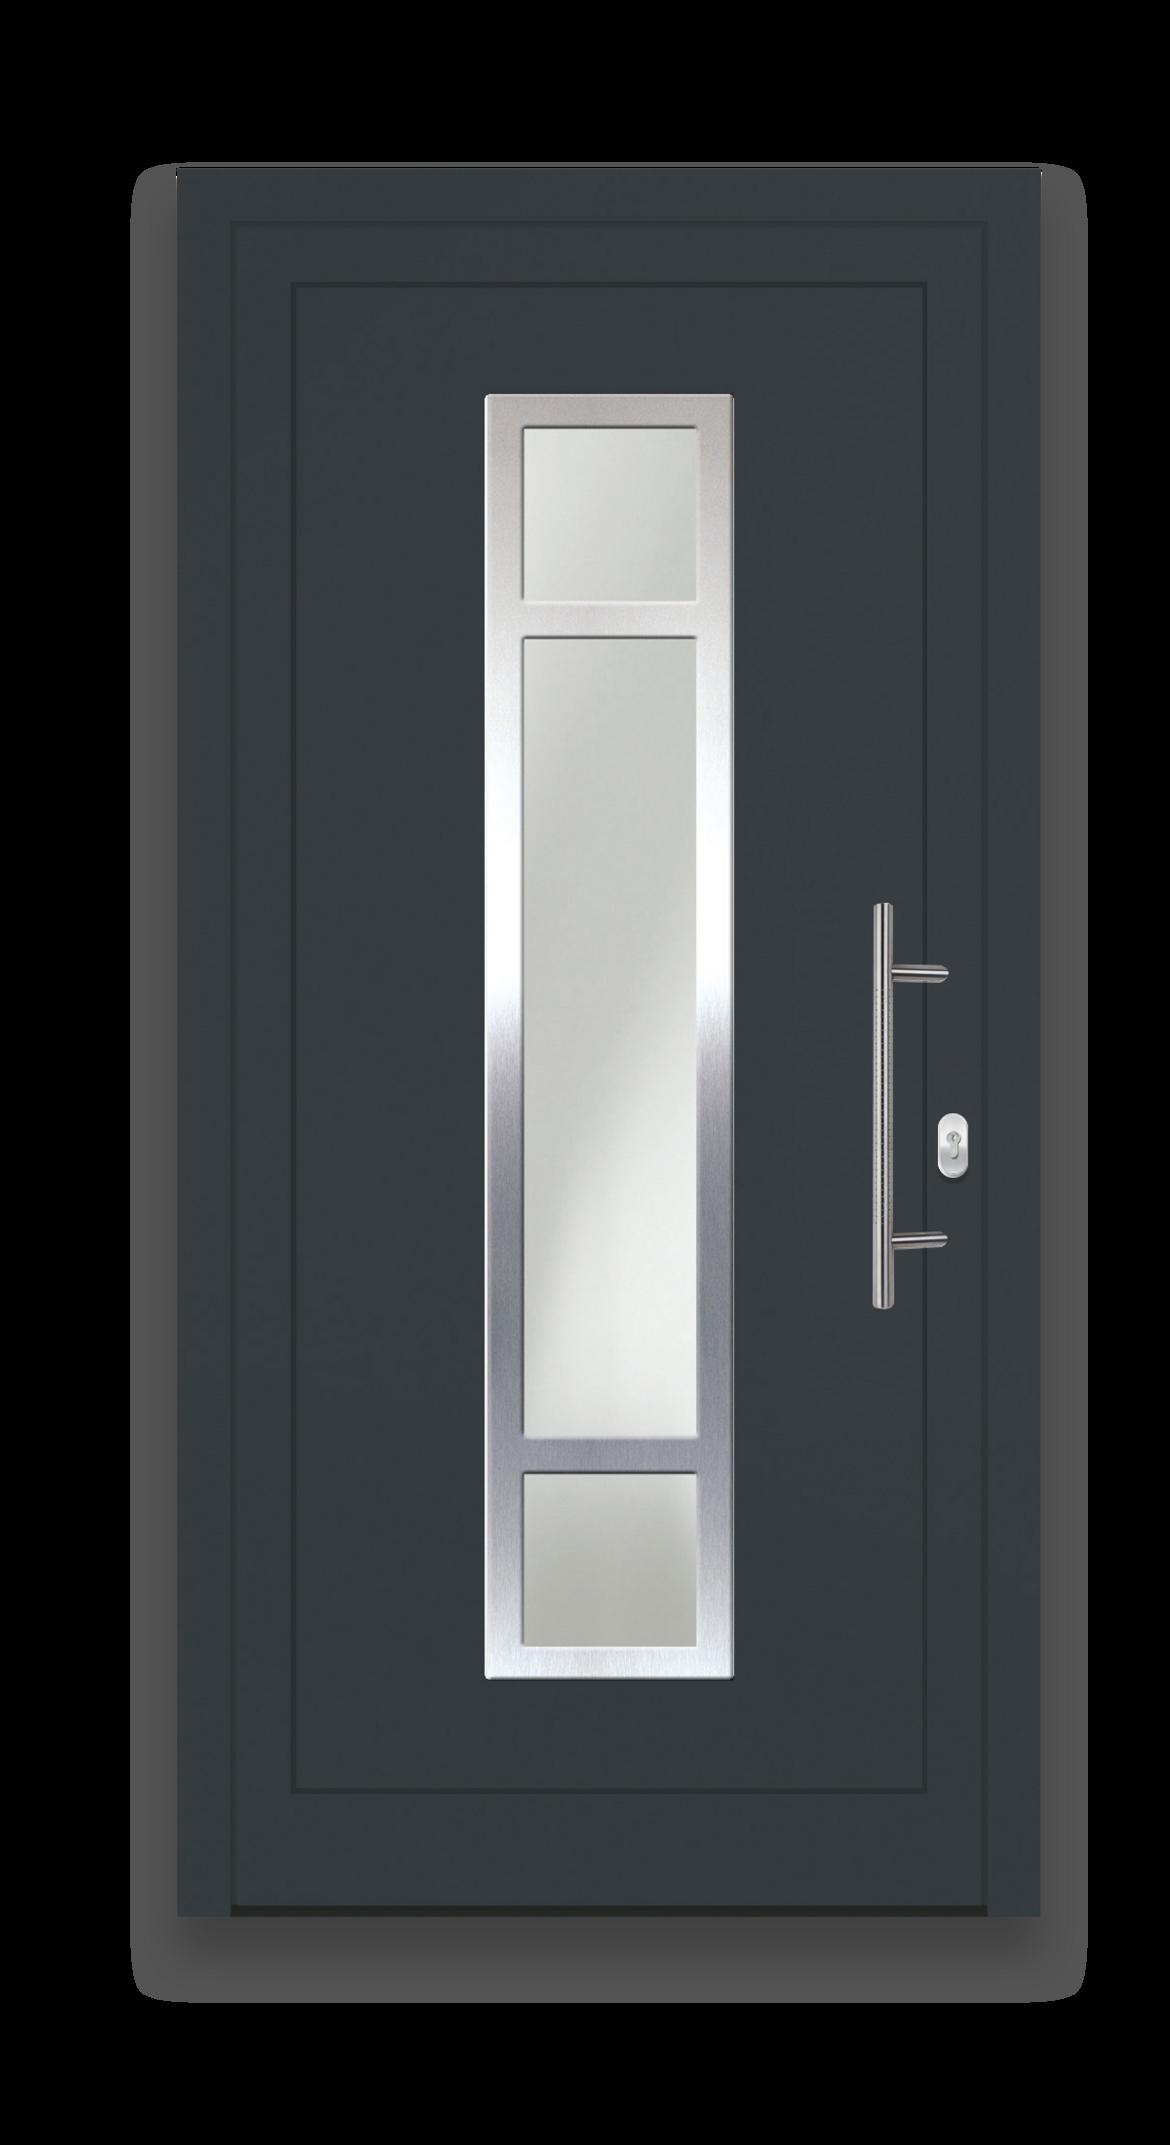 Full Size of Fenster Gnstig Online Kaufen Fertigfenster Drutex Test Konfigurator Sicherheitsbeschläge Nachrüsten Schlafzimmer Set Günstig Sichtschutzfolien Für Fenster Fenster Günstig Kaufen